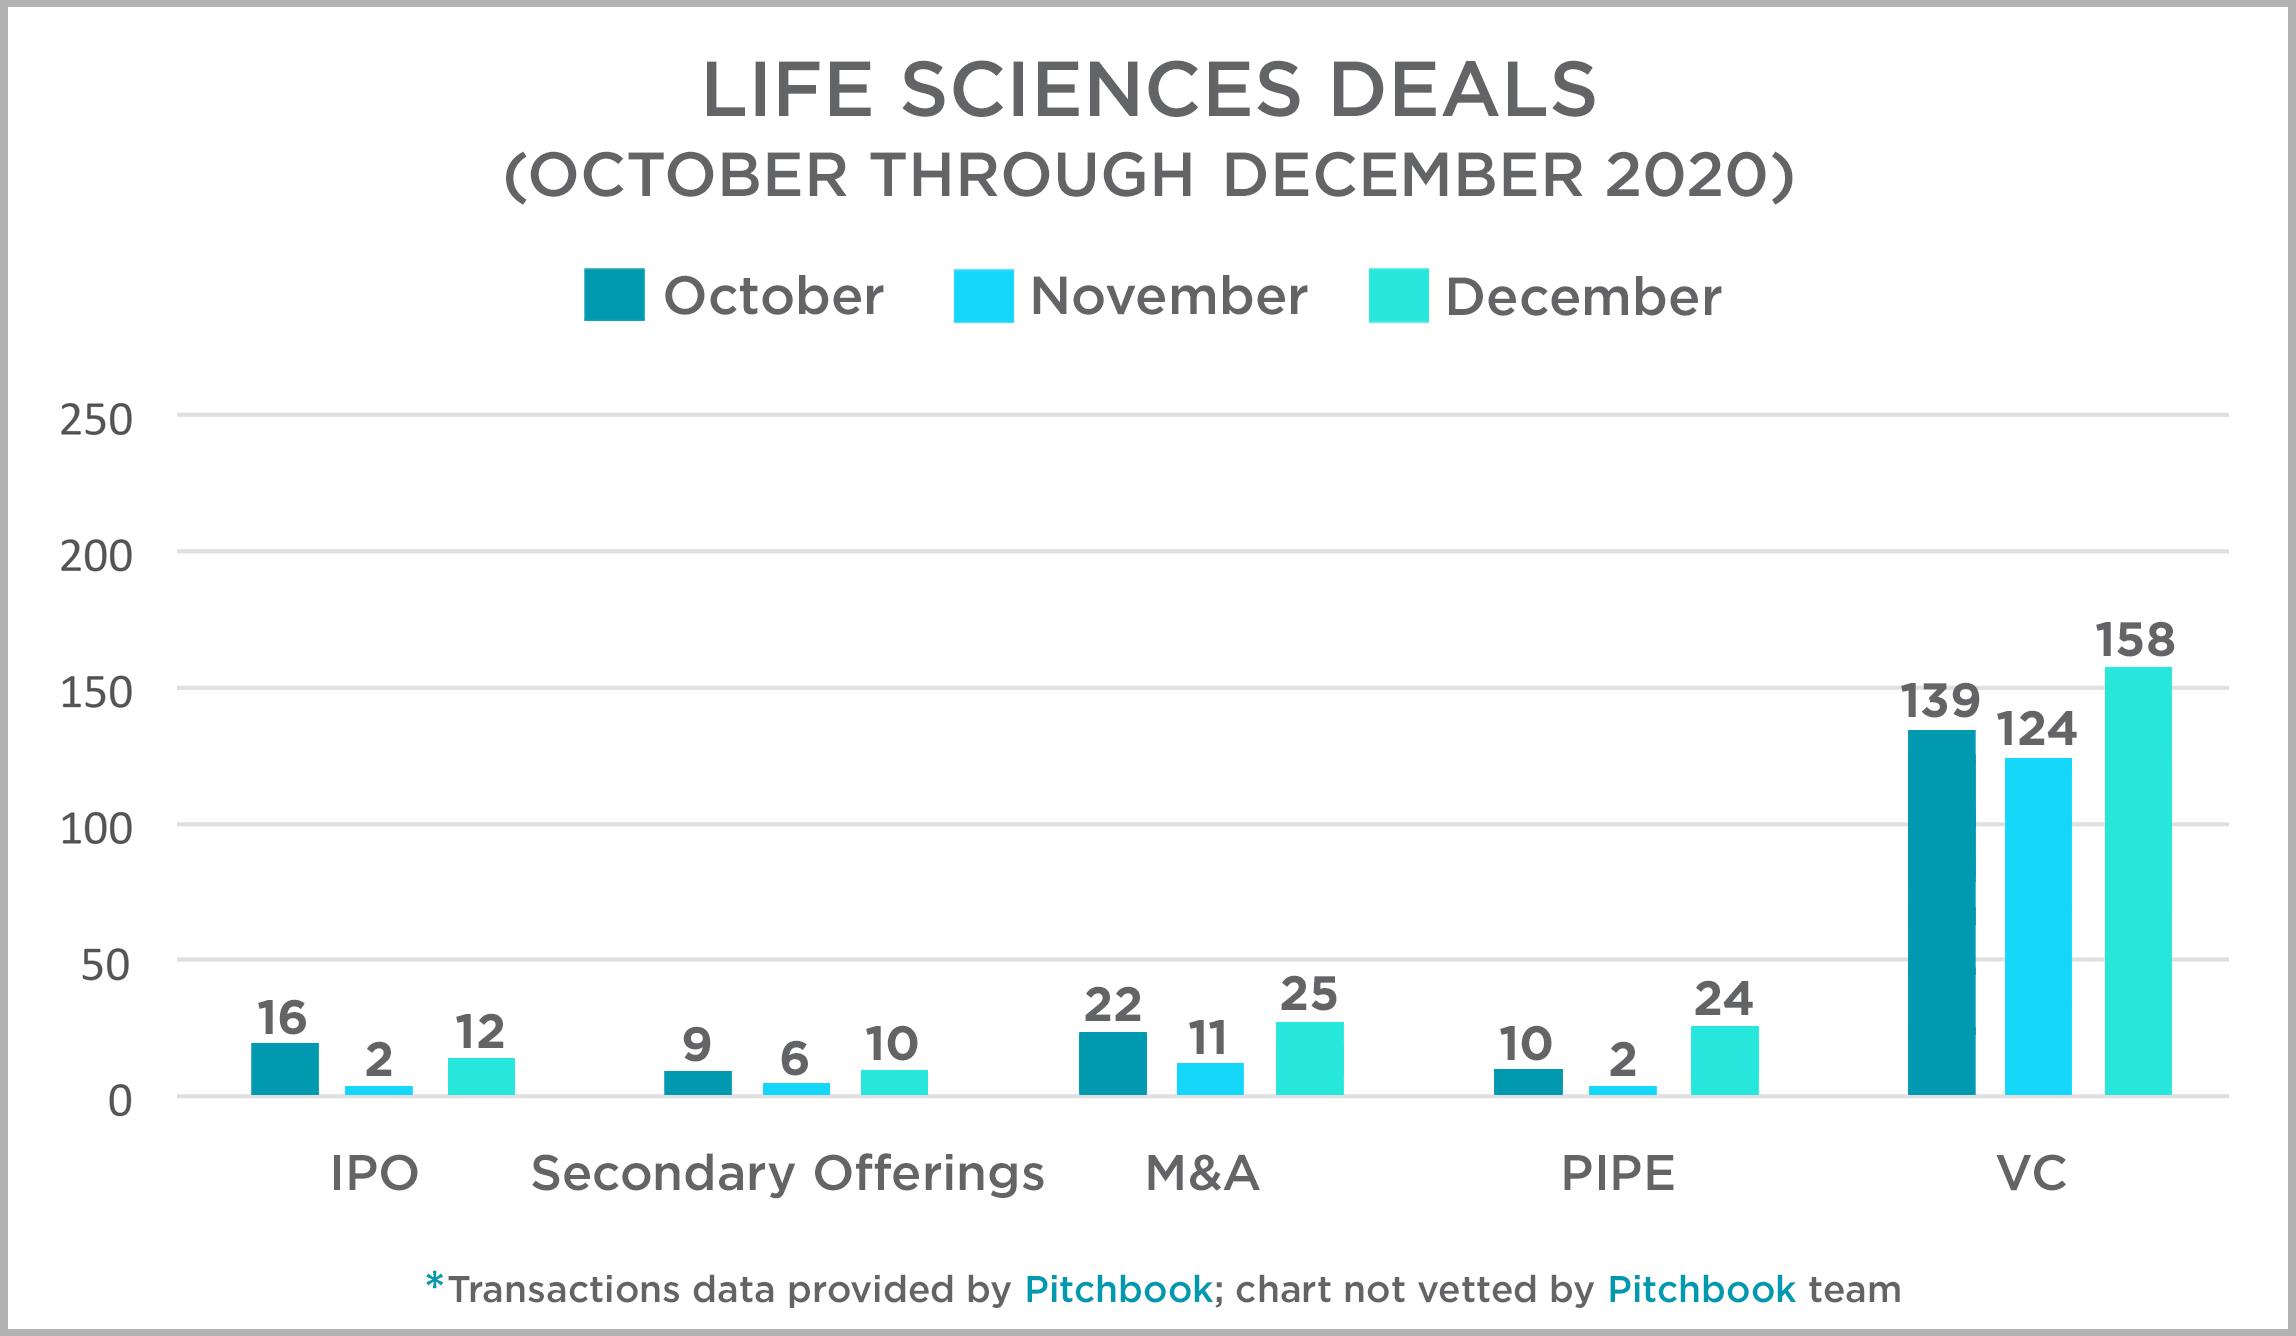 4th quarter Life Science Deals 2020